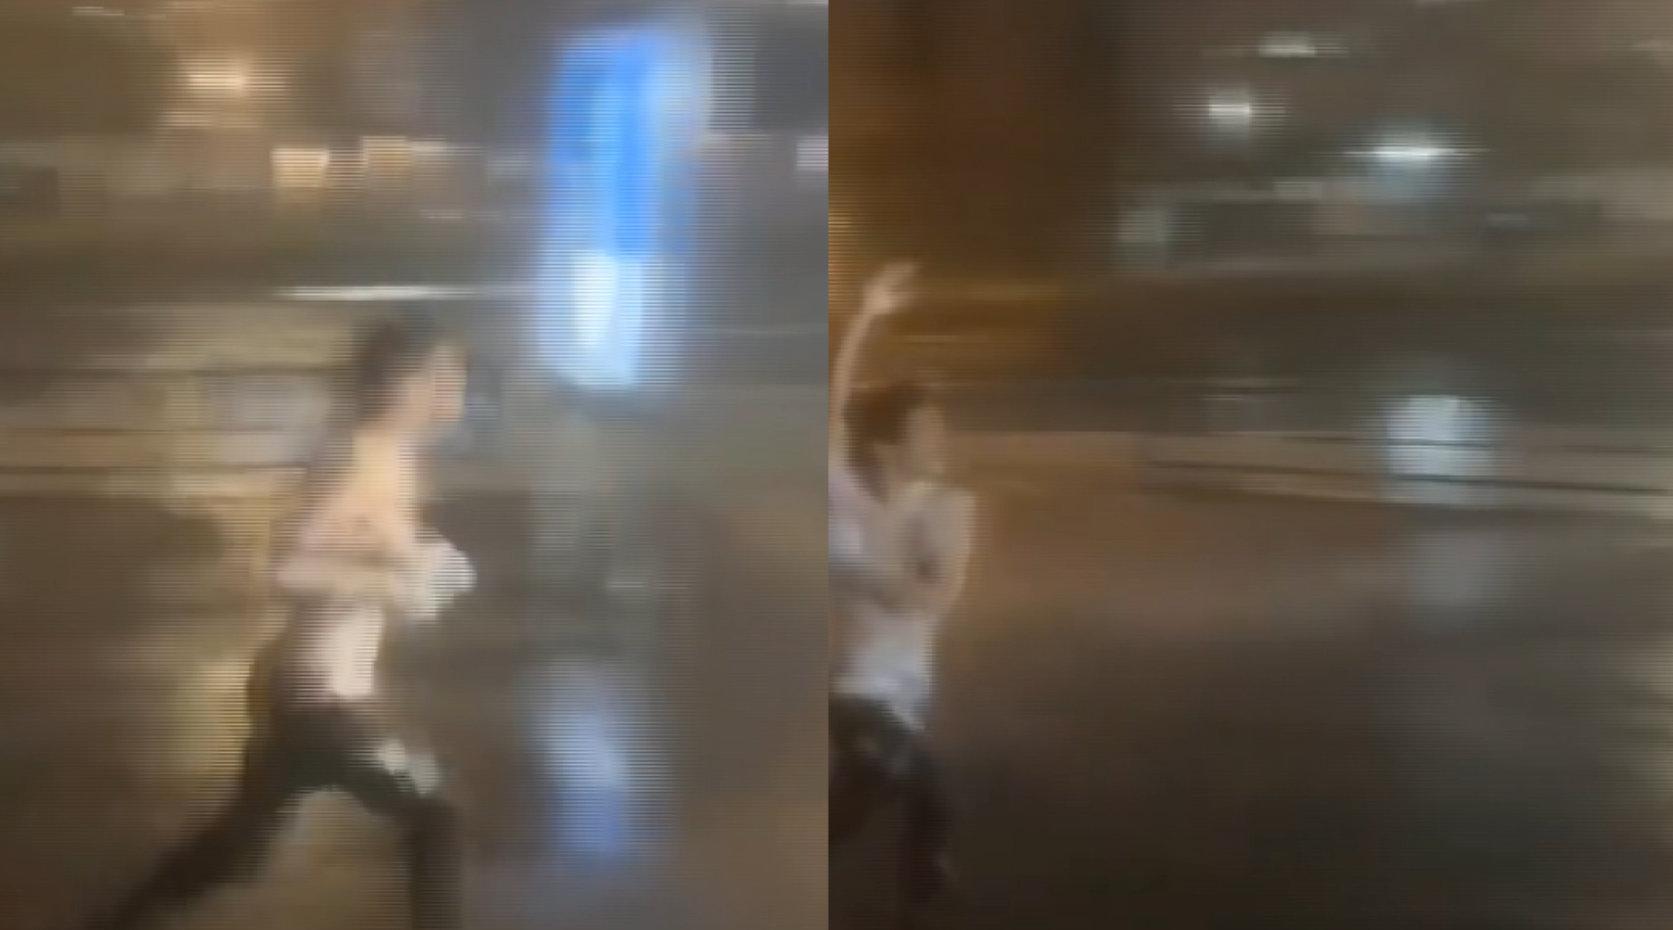 最欢乐的仔!强台风海贝思登陆日本,奇葩男暴雨中奔跑搓澡